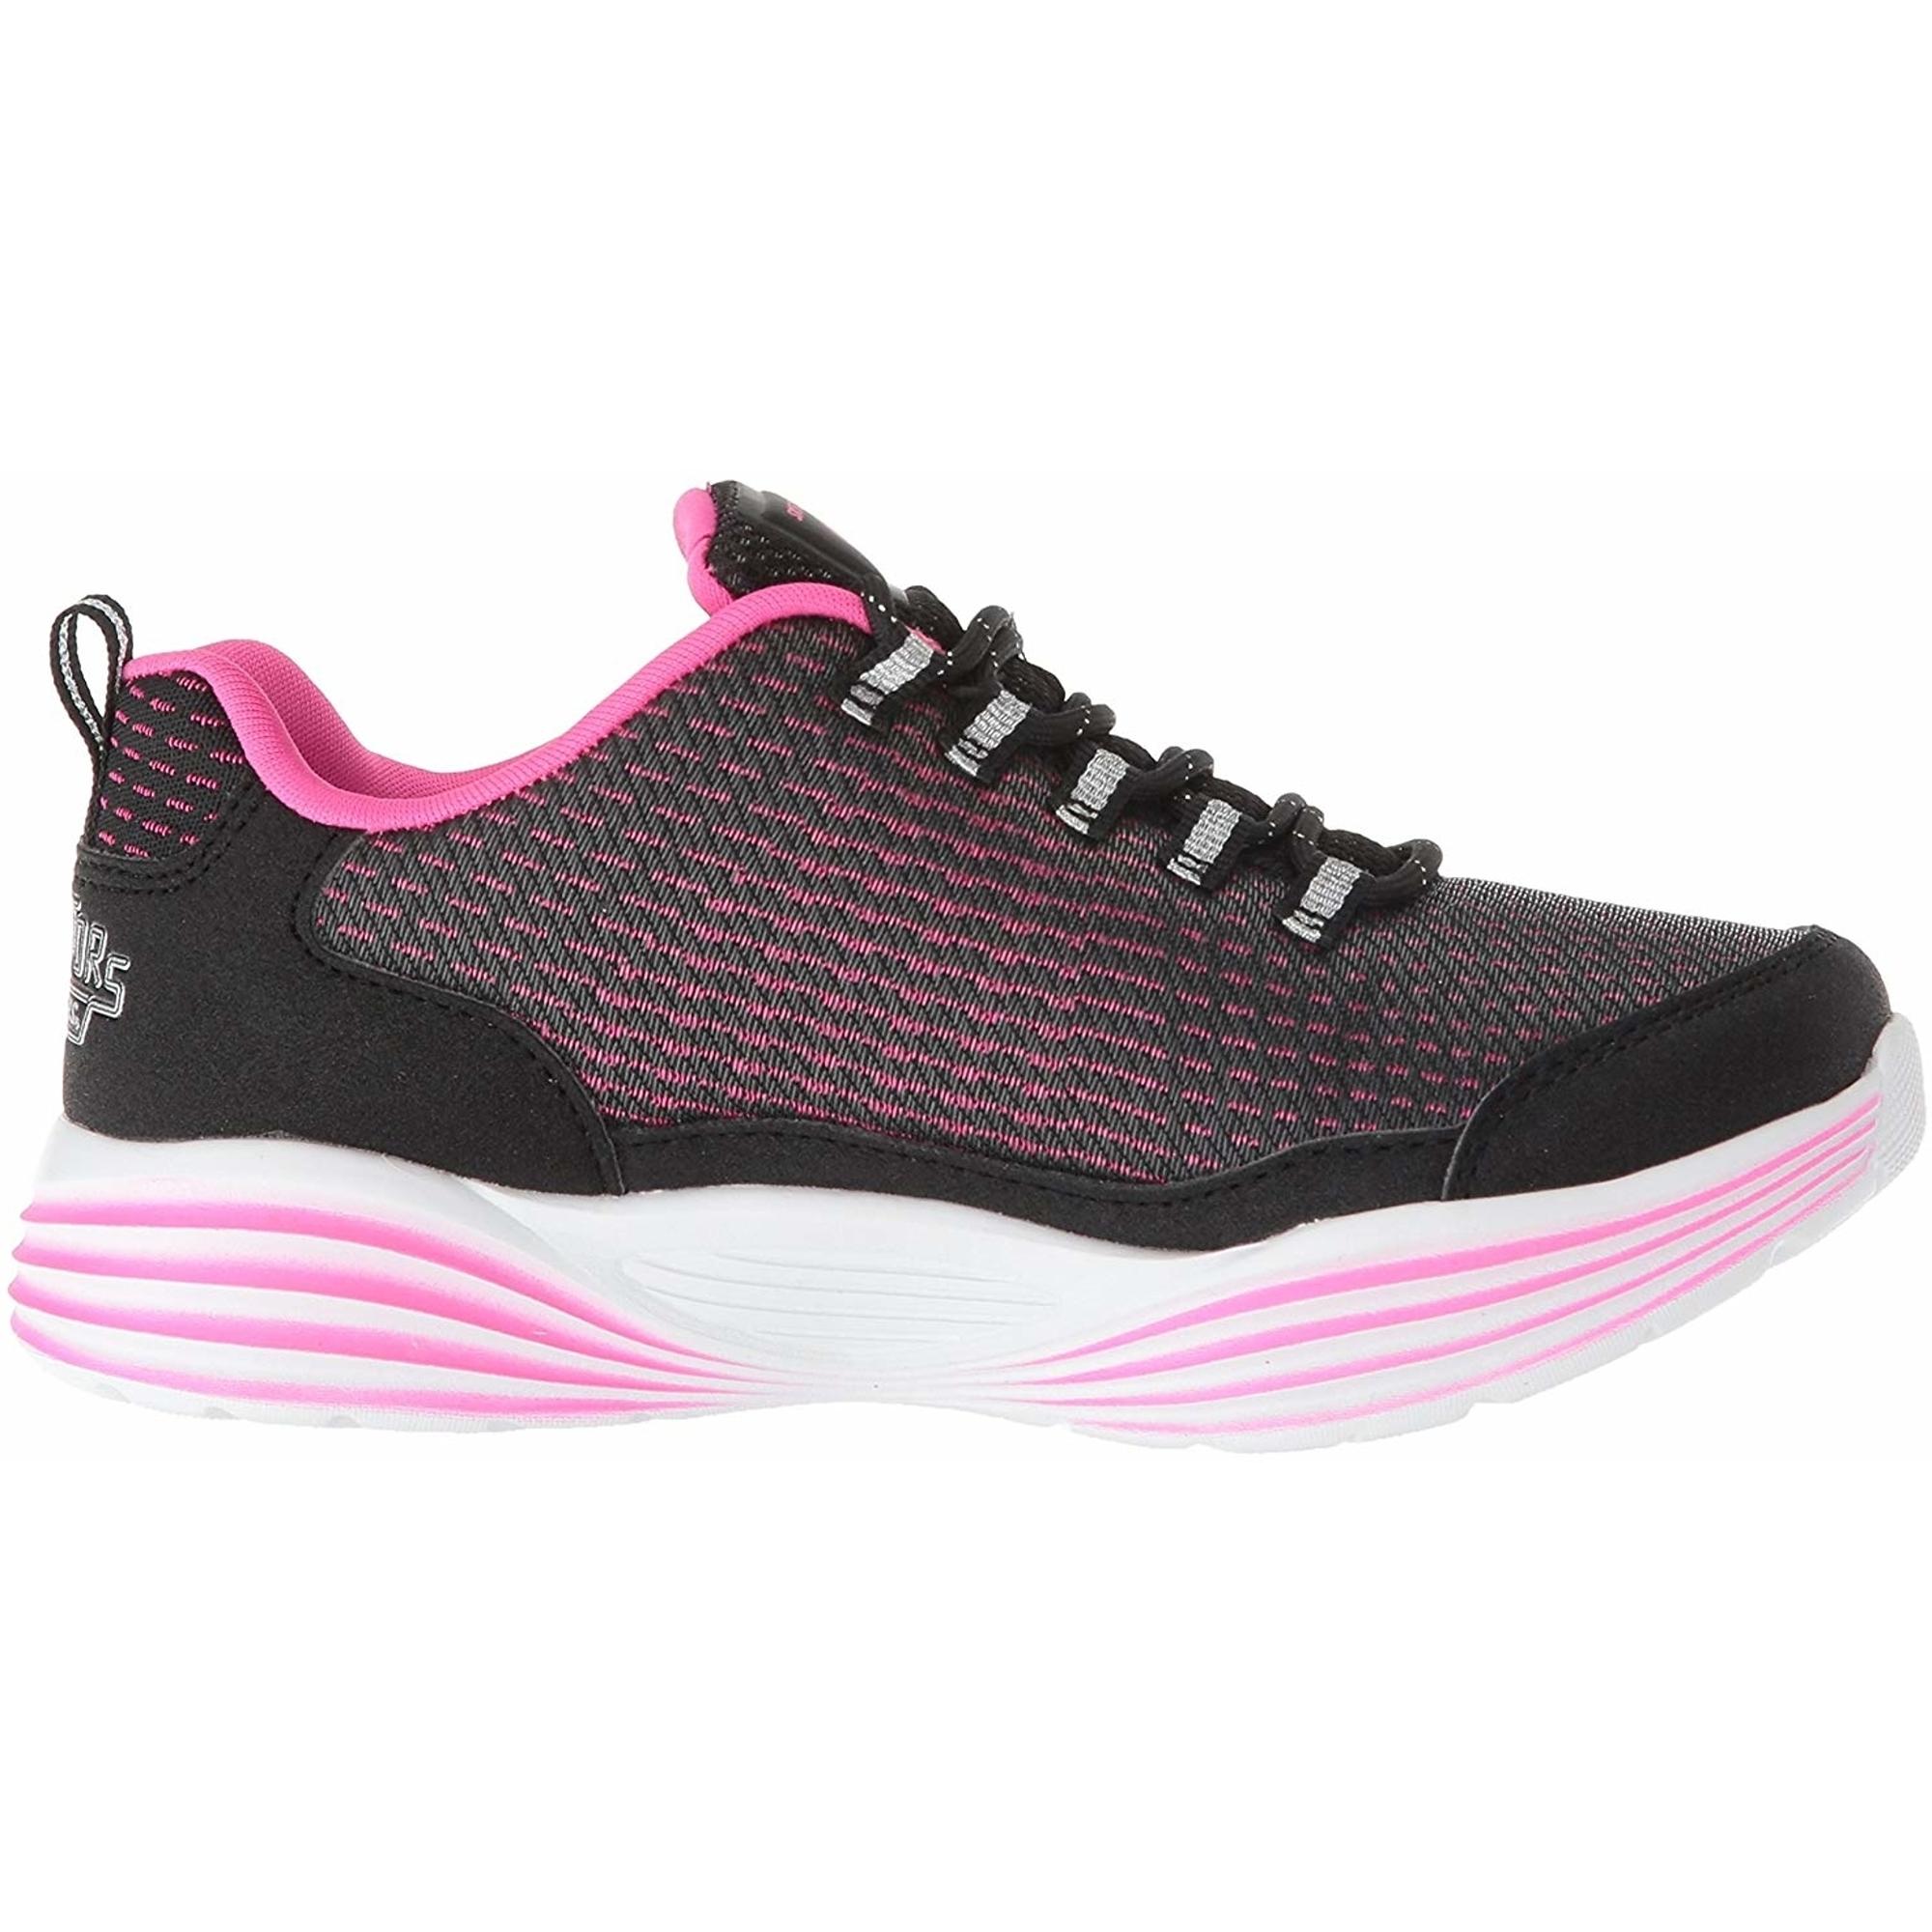 Sneakers SKECHERS Luminators Luxe 20100LBKPK BlackPink